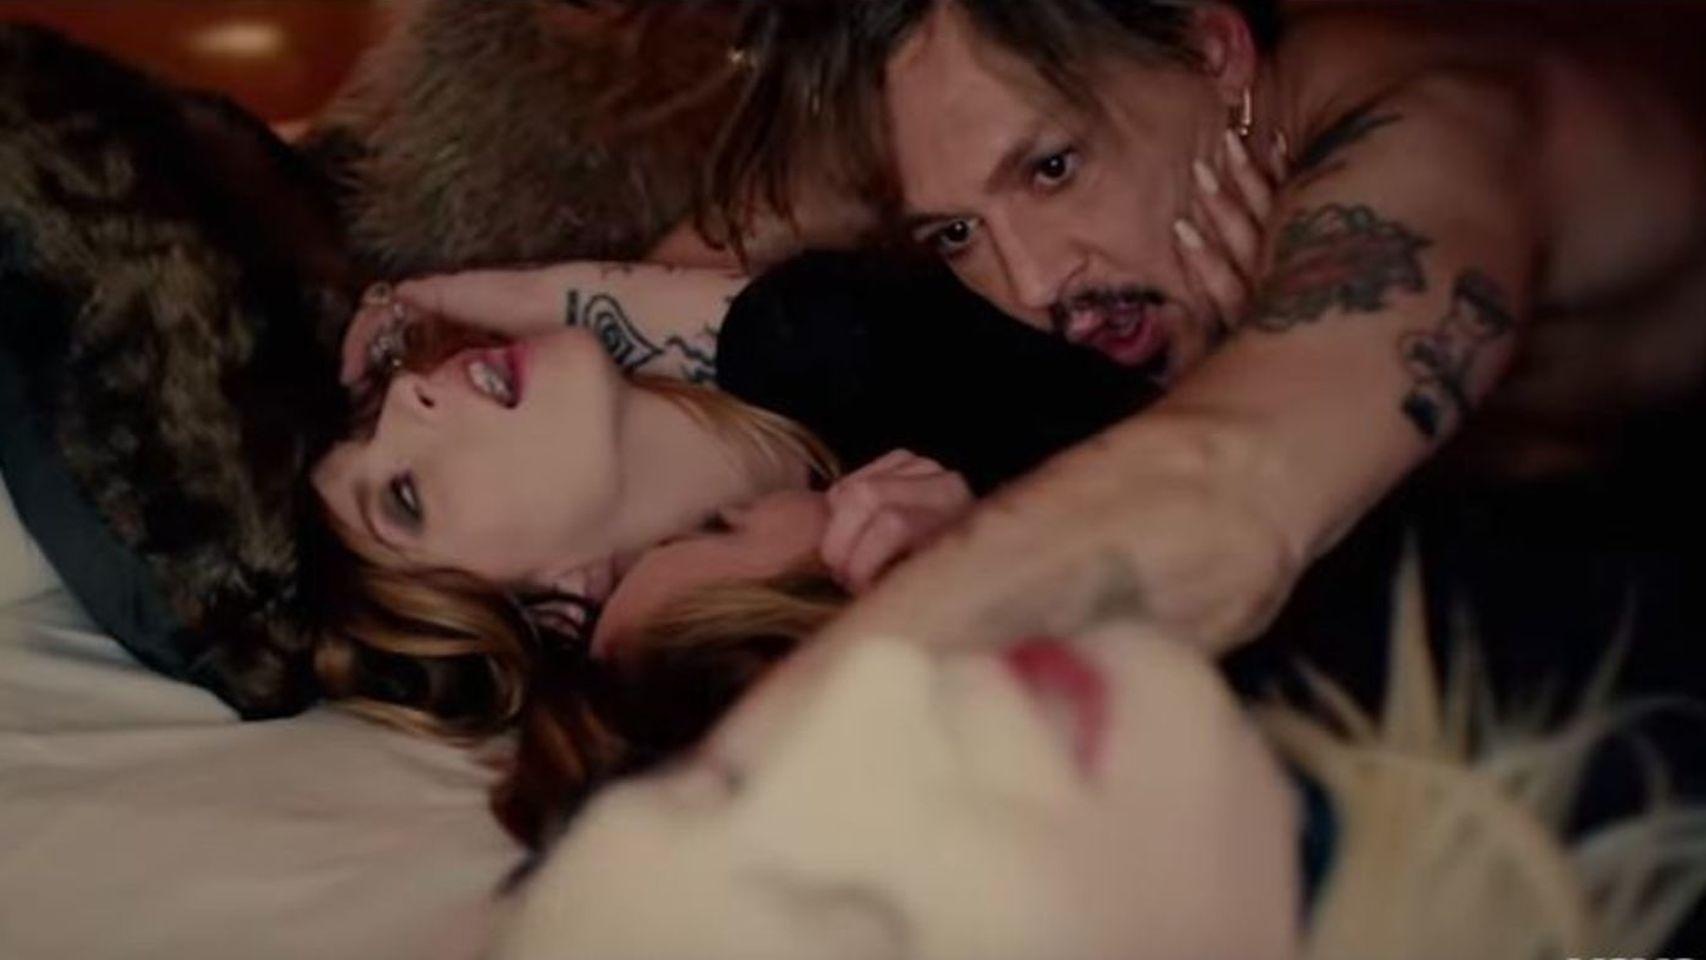 Johny Depp participa en un orgía de Marilyn Manson y este es el video